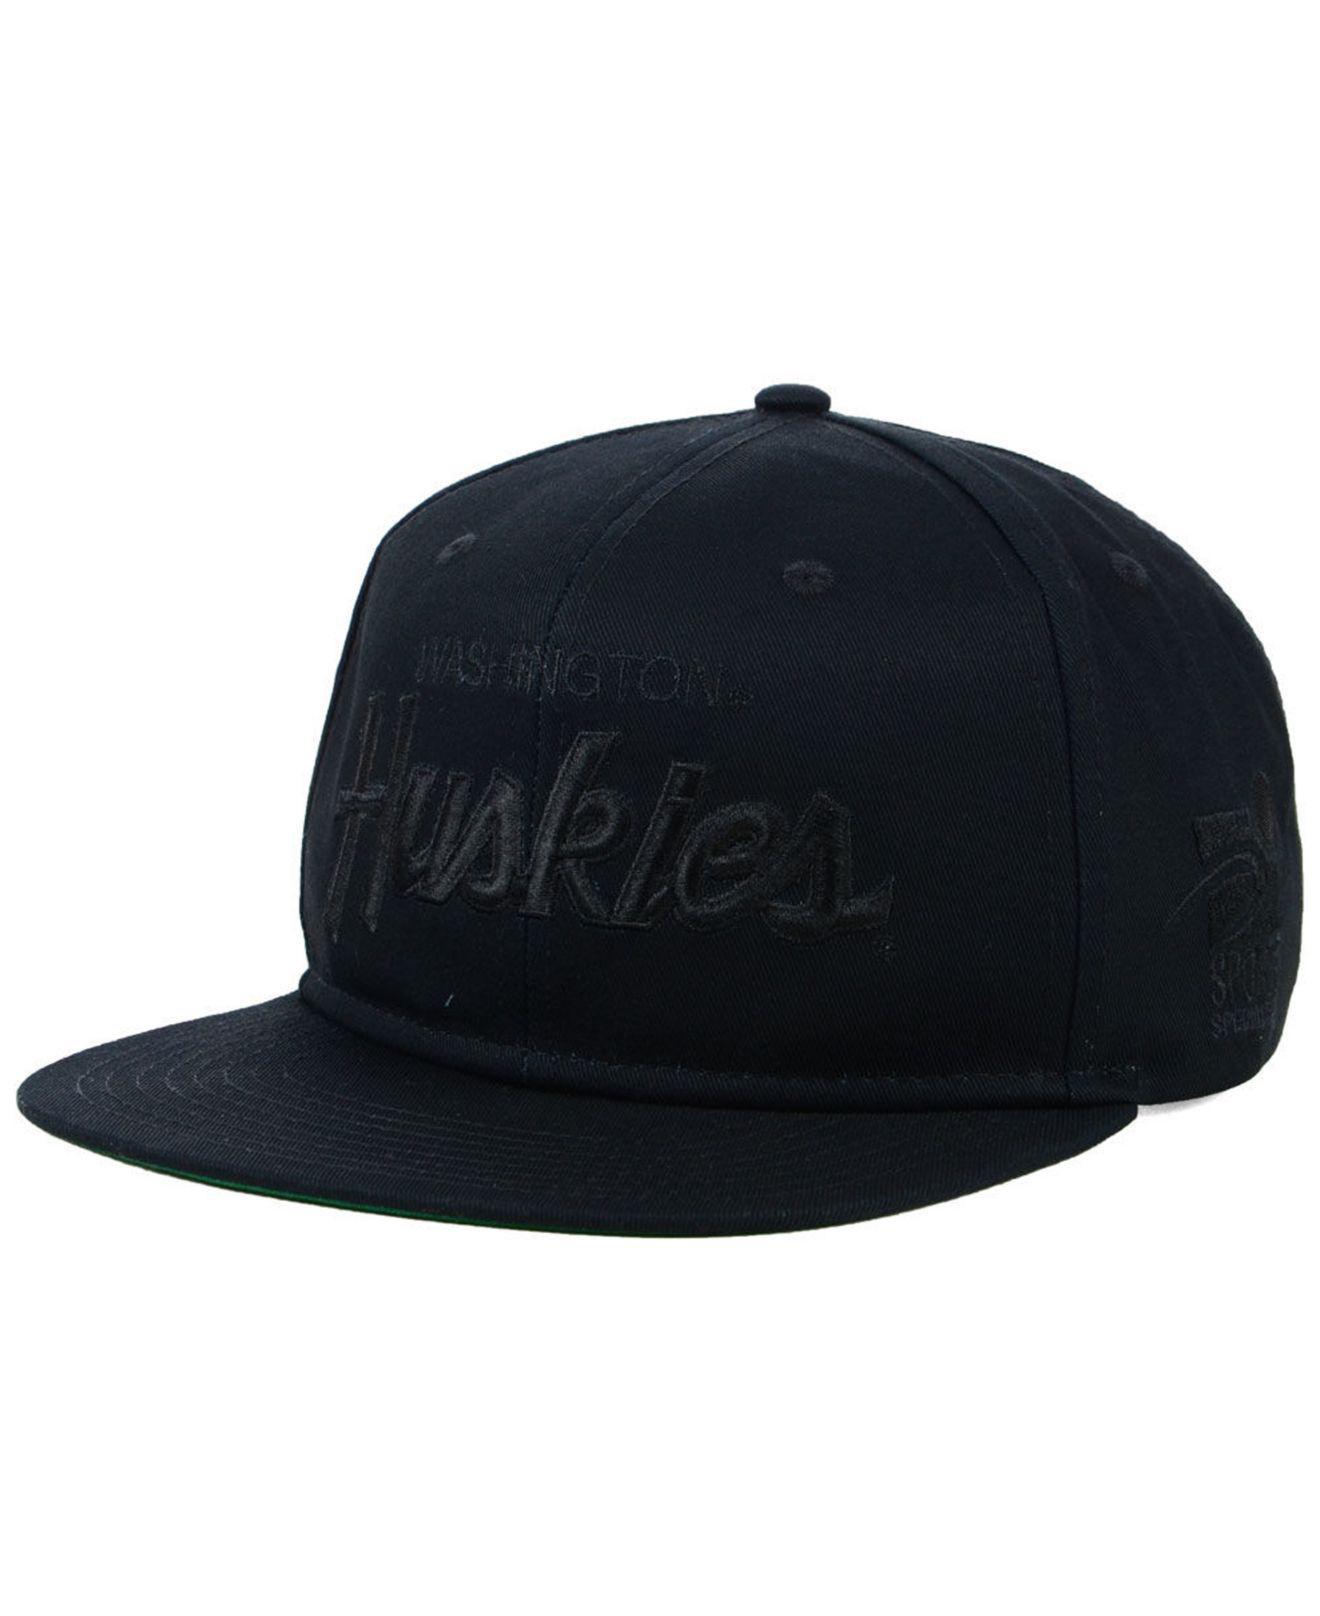 new products 52fd1 572d7 ... czech nike. mens washington huskies sport specialties black on black  snapback cap 8f6bd 402bb